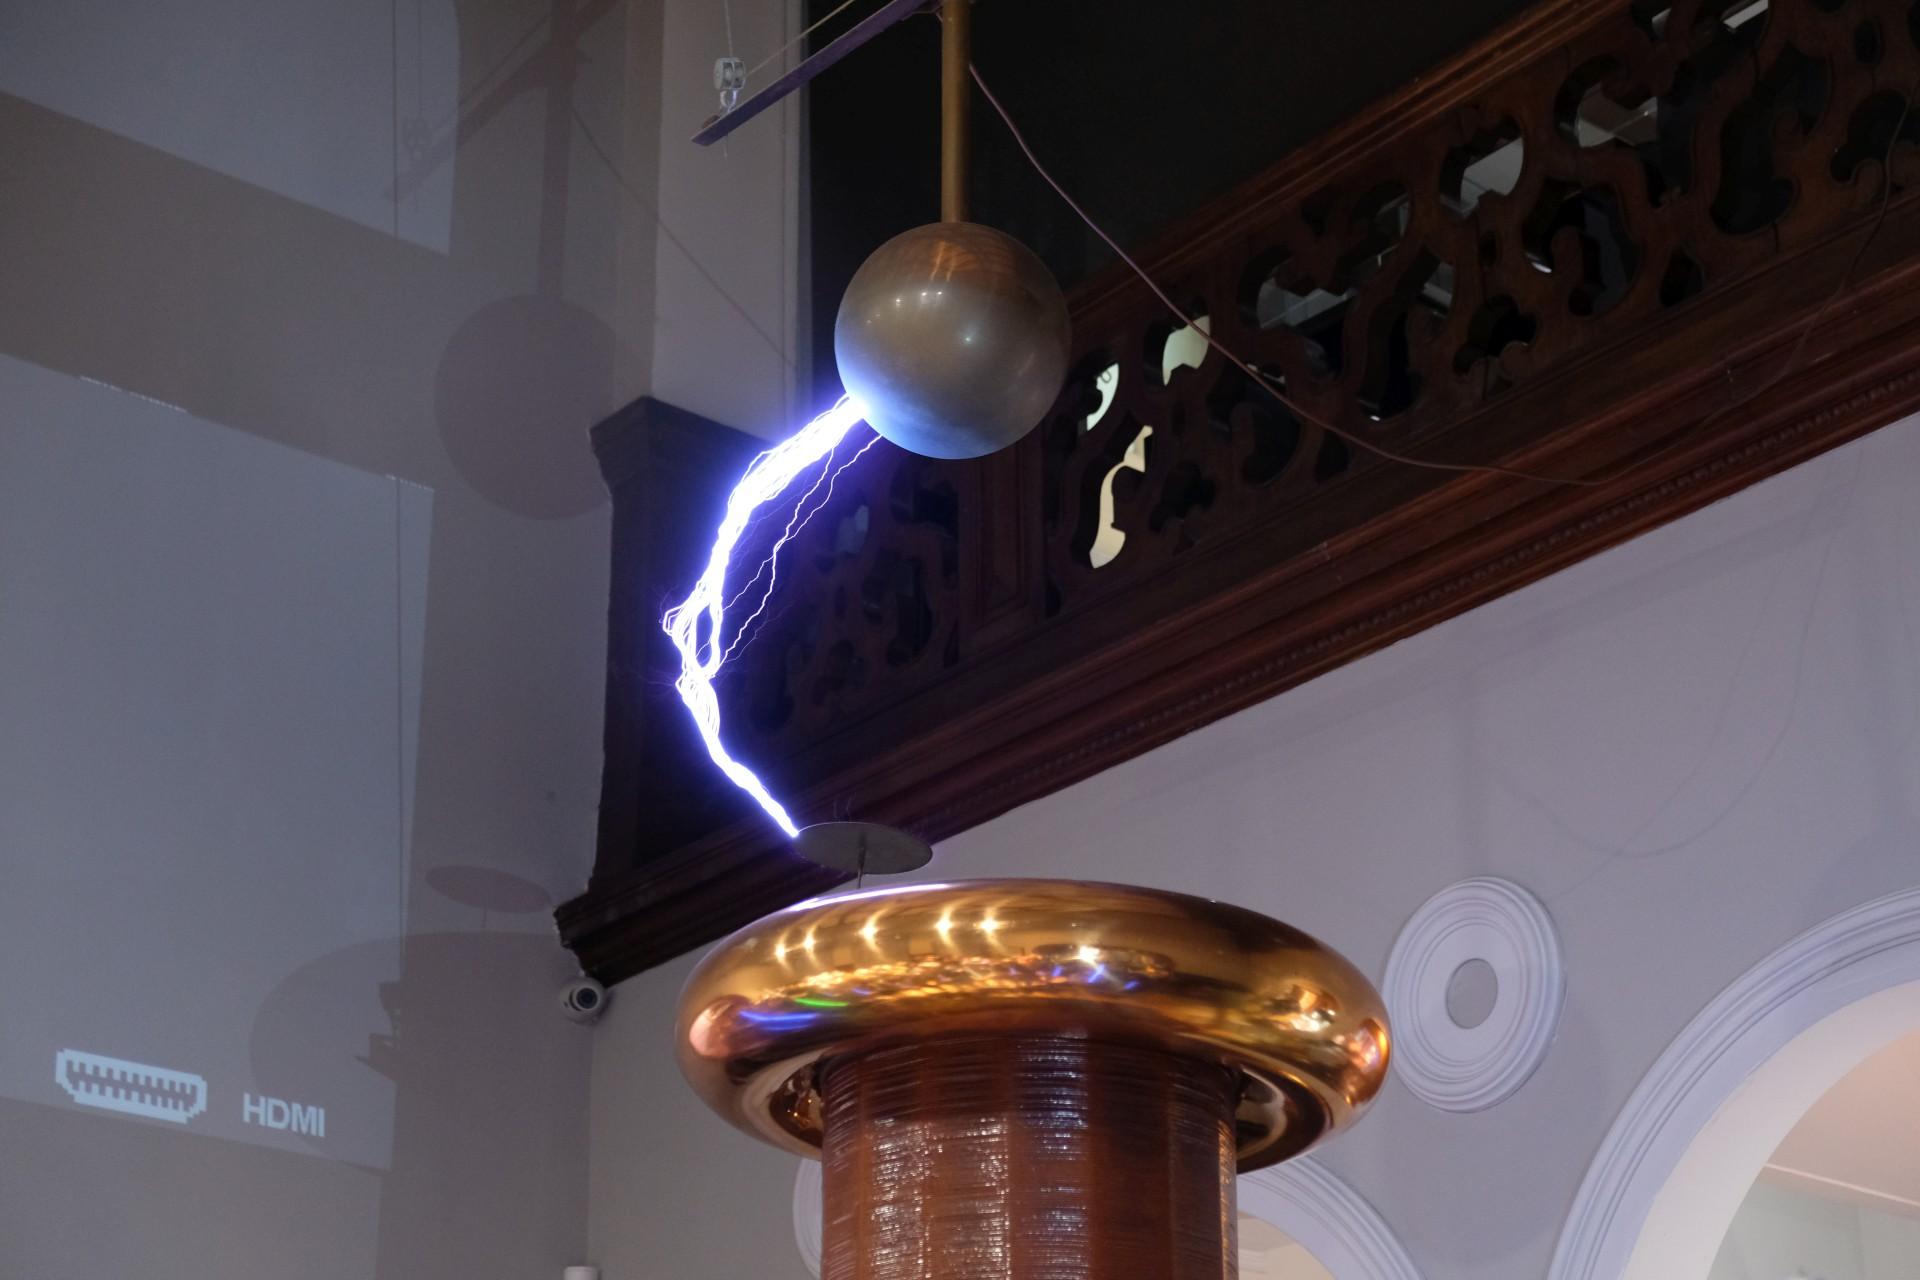 Ein Blitz schlägt in eine elektrische Spule ein